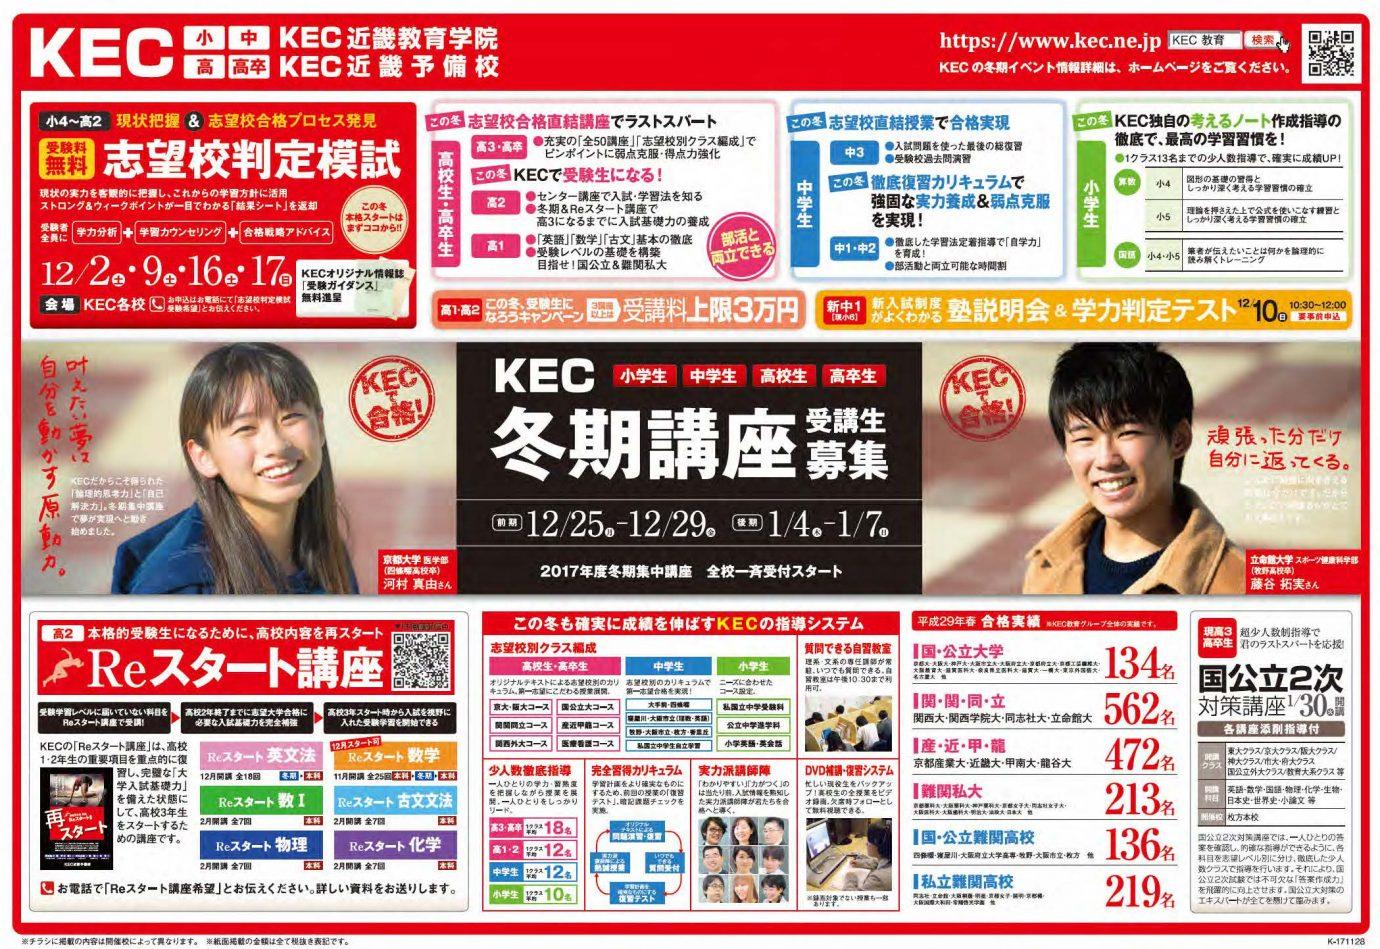 KEC_冬期_リーフ表_画像